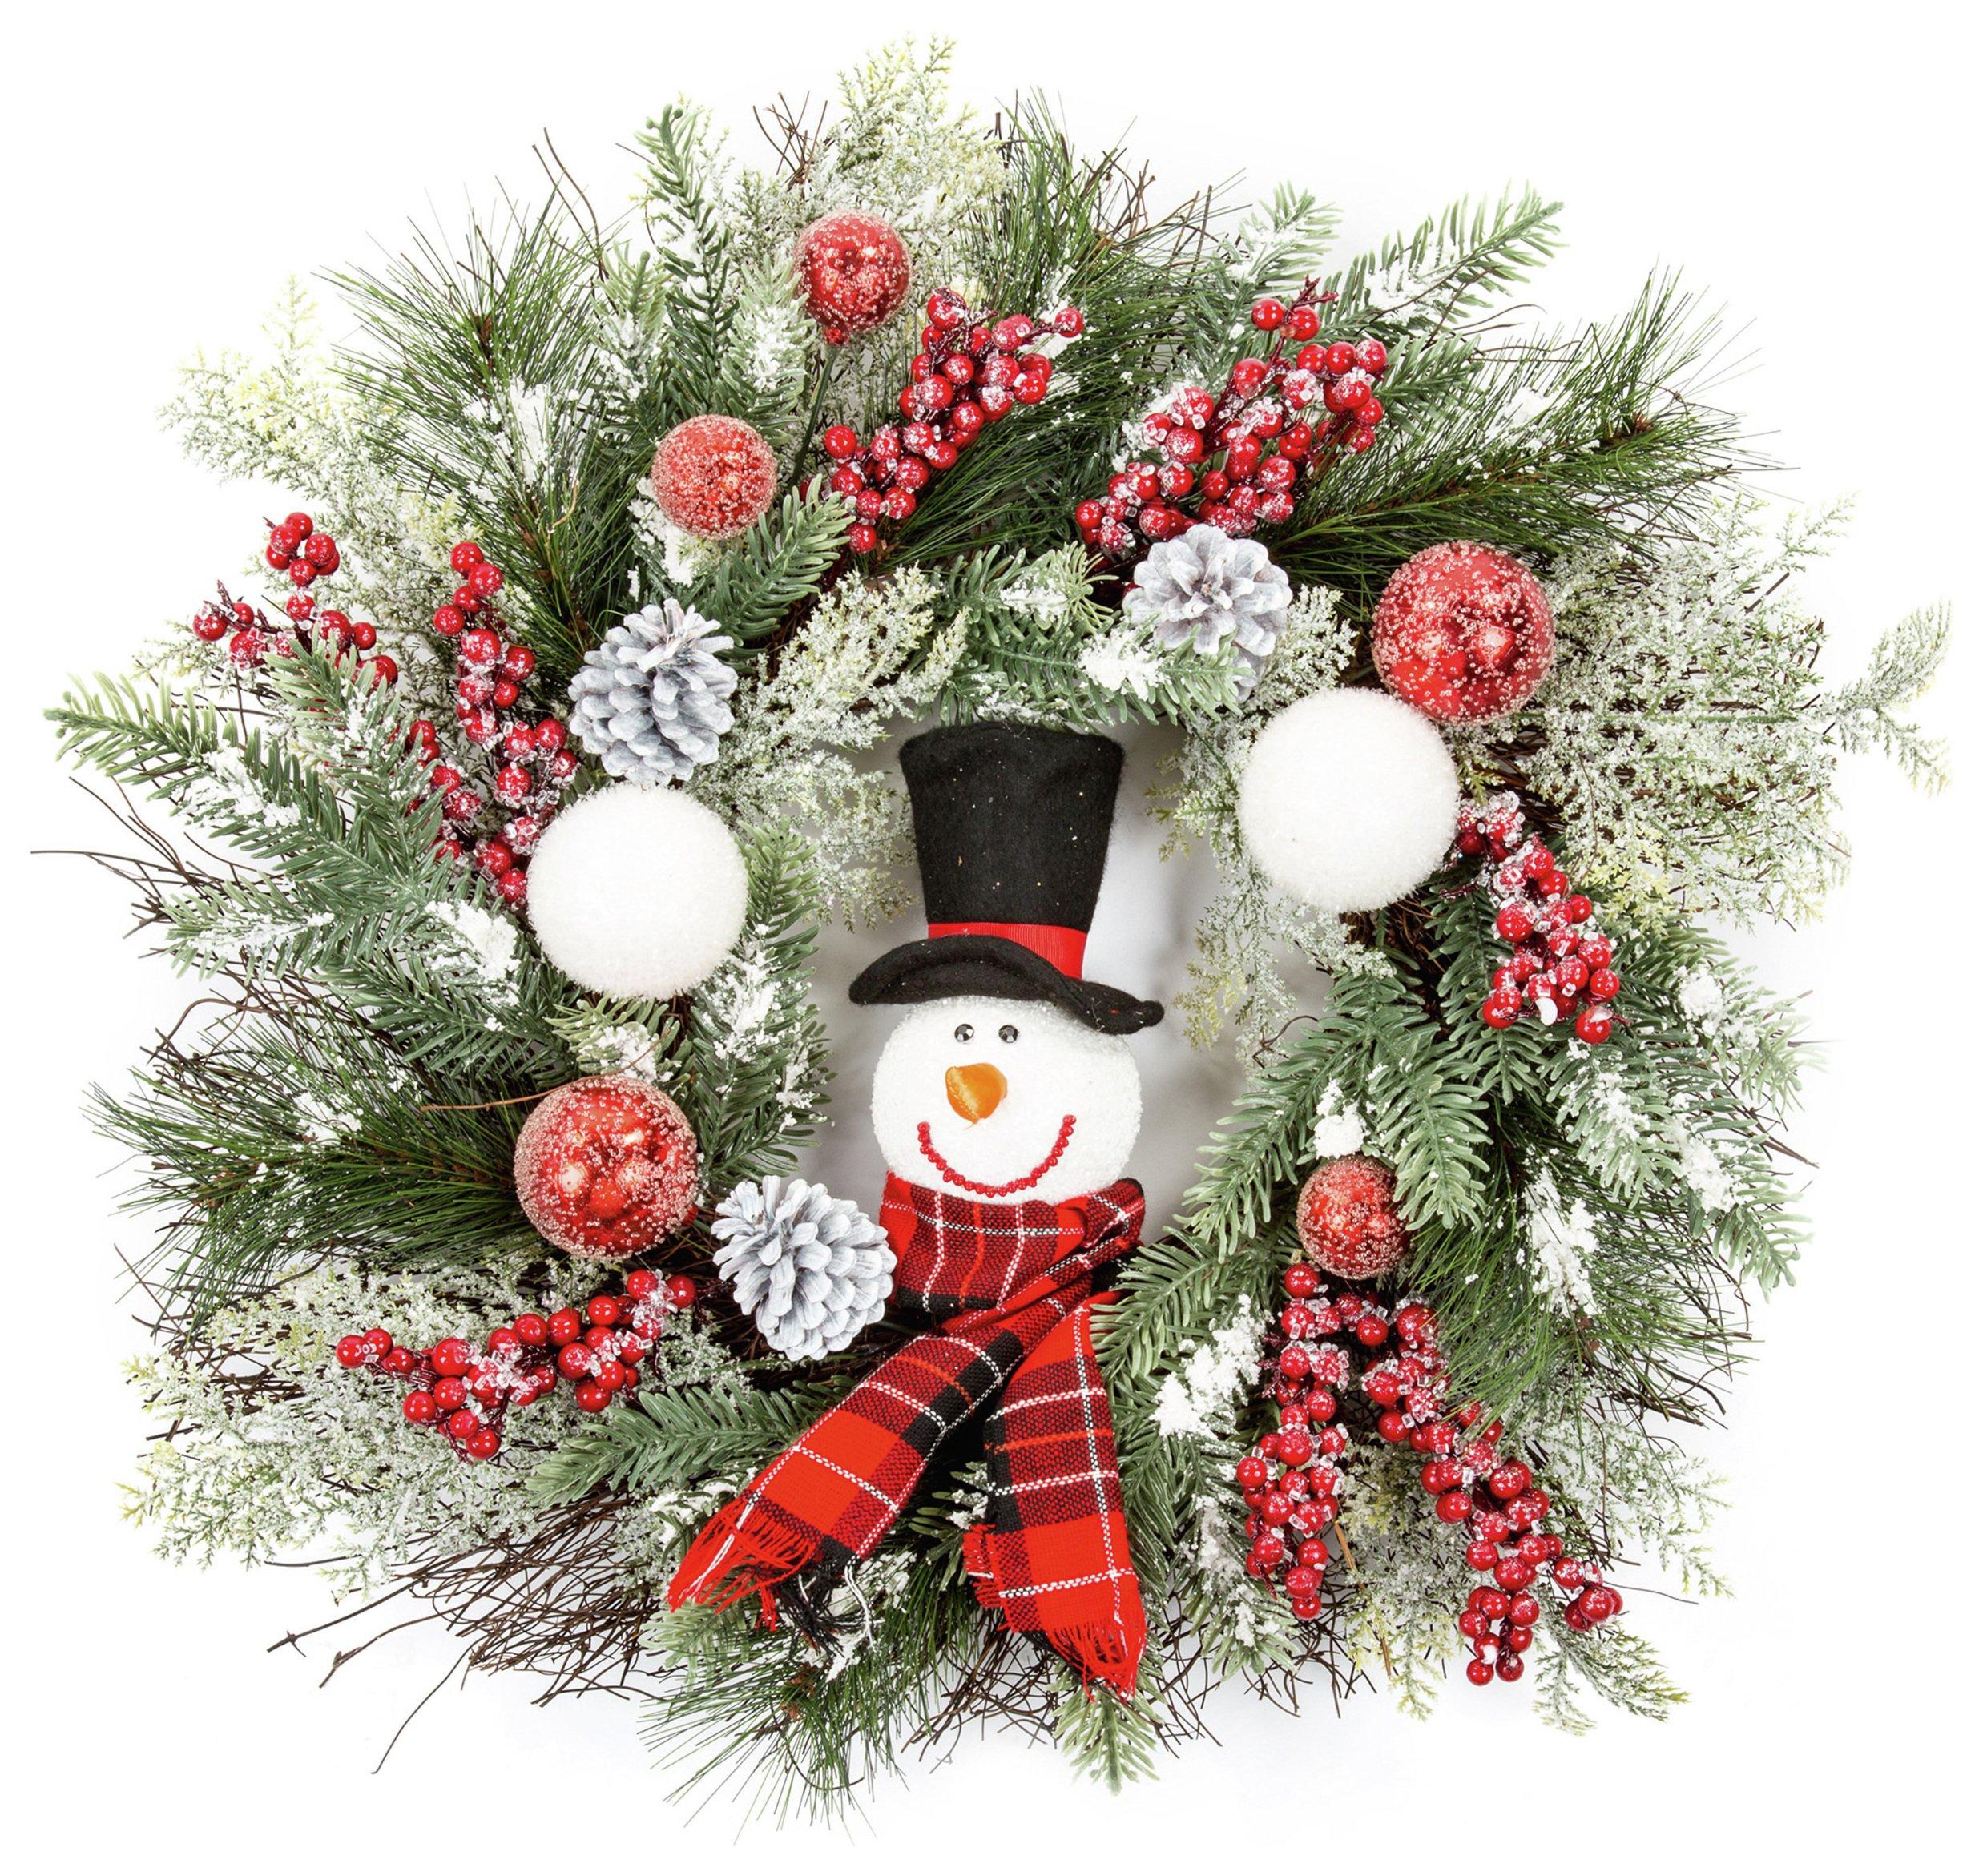 premier-decorations-60cm-snowman-wreath-green